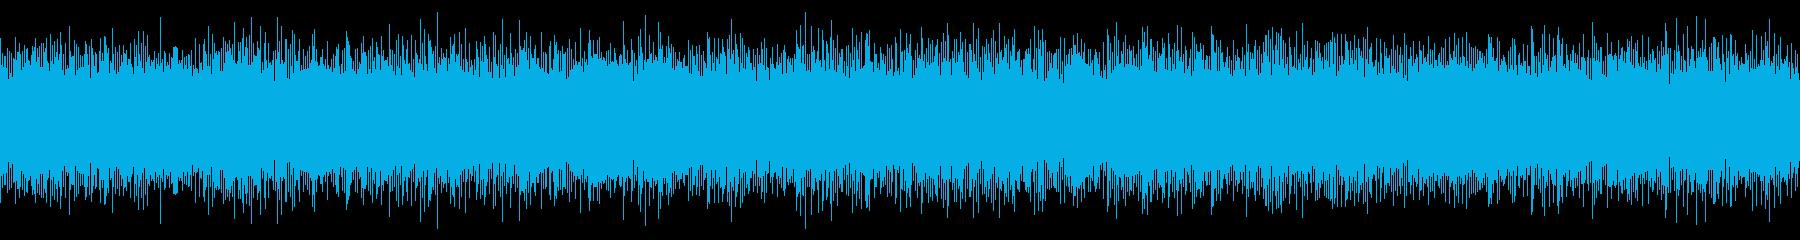 明るい浮遊感のあるアンビエントの再生済みの波形